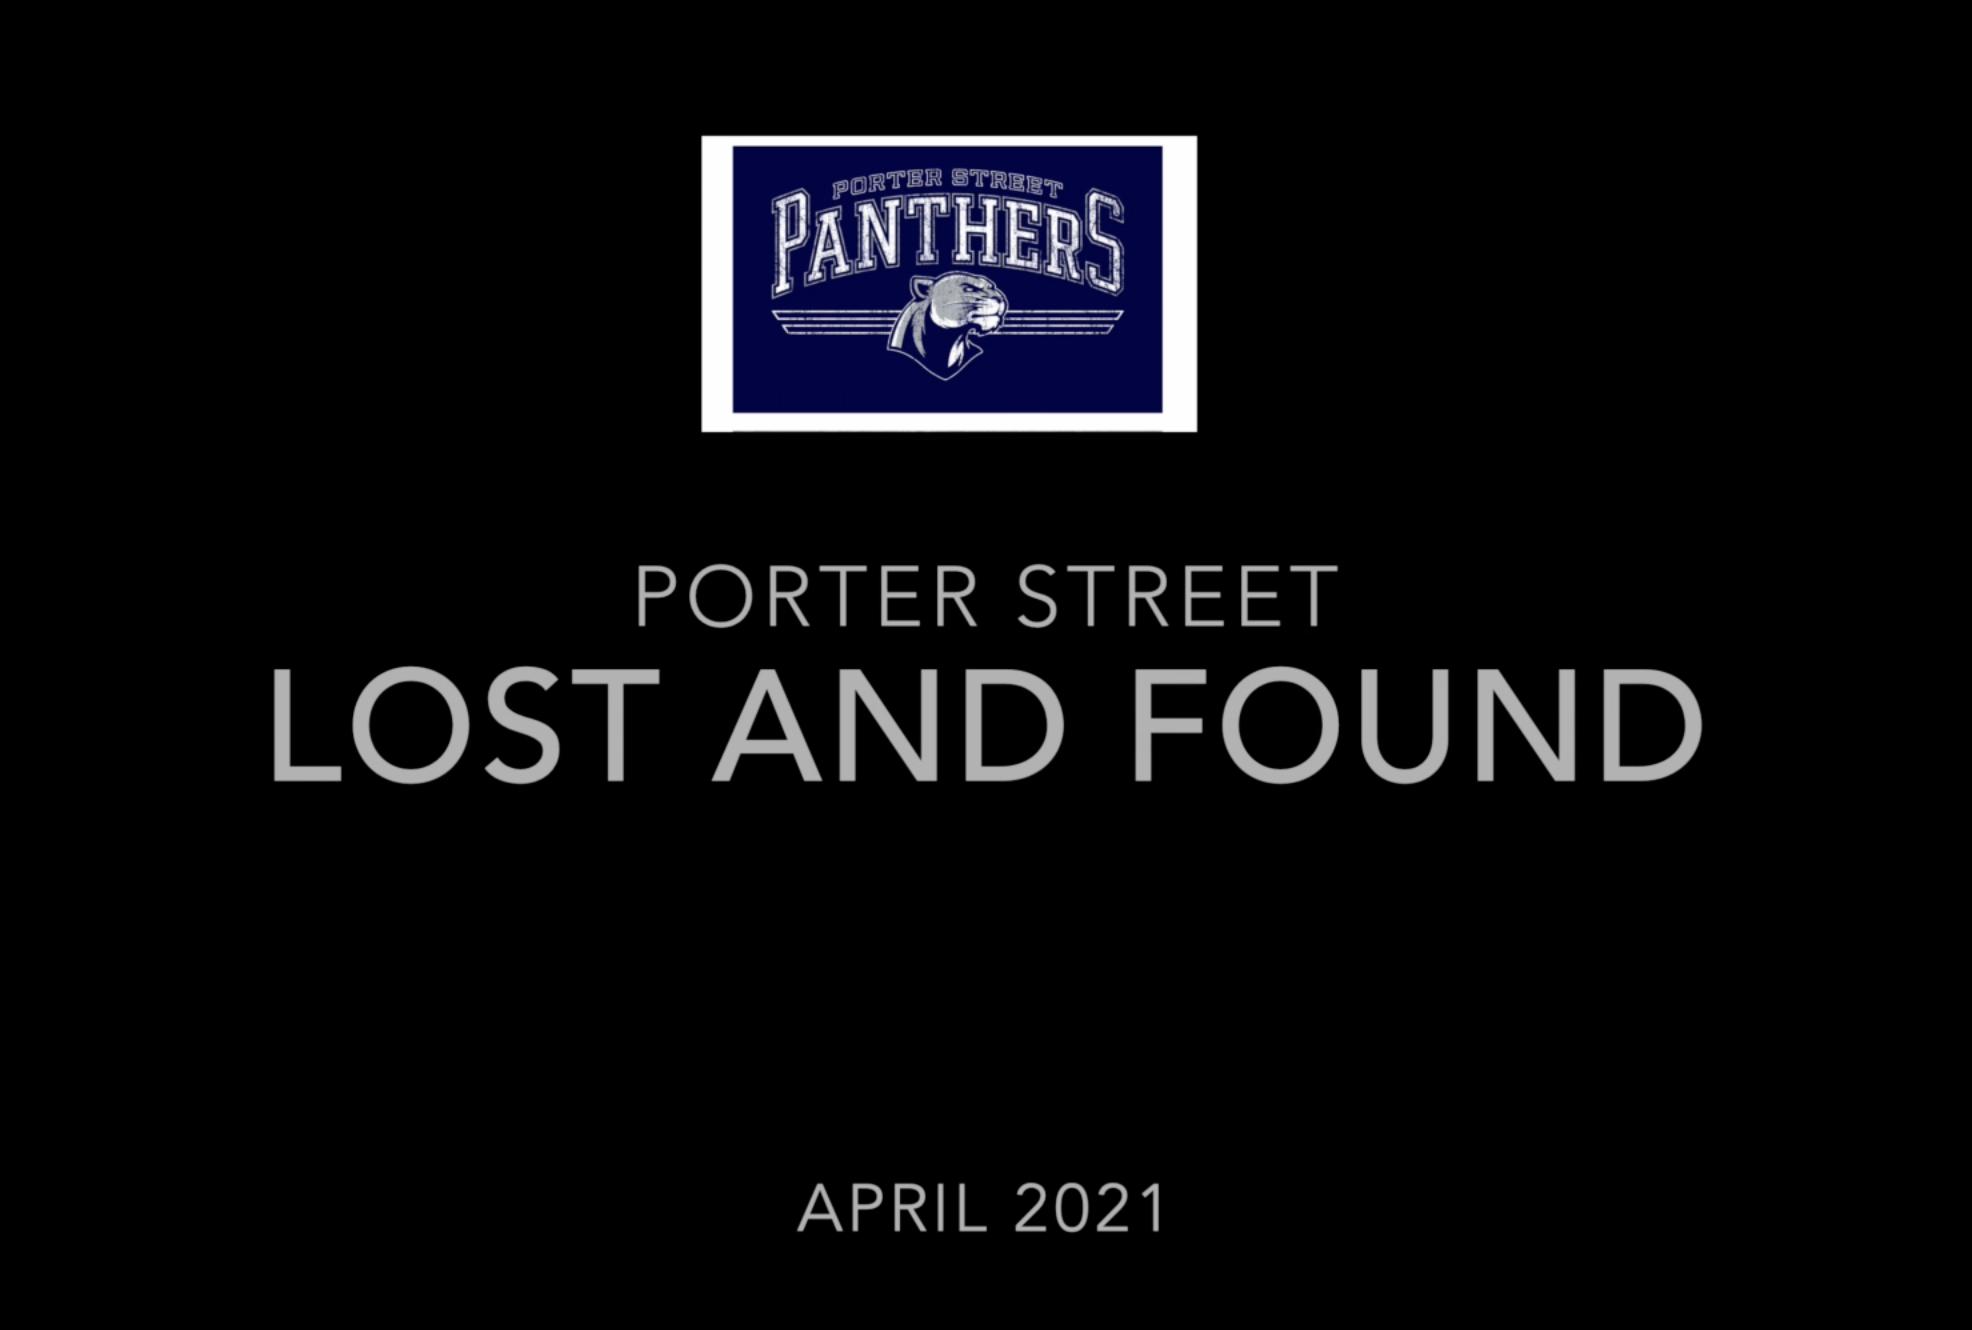 Screen Shot 2021-04-14 at 10.37.29 PM.png